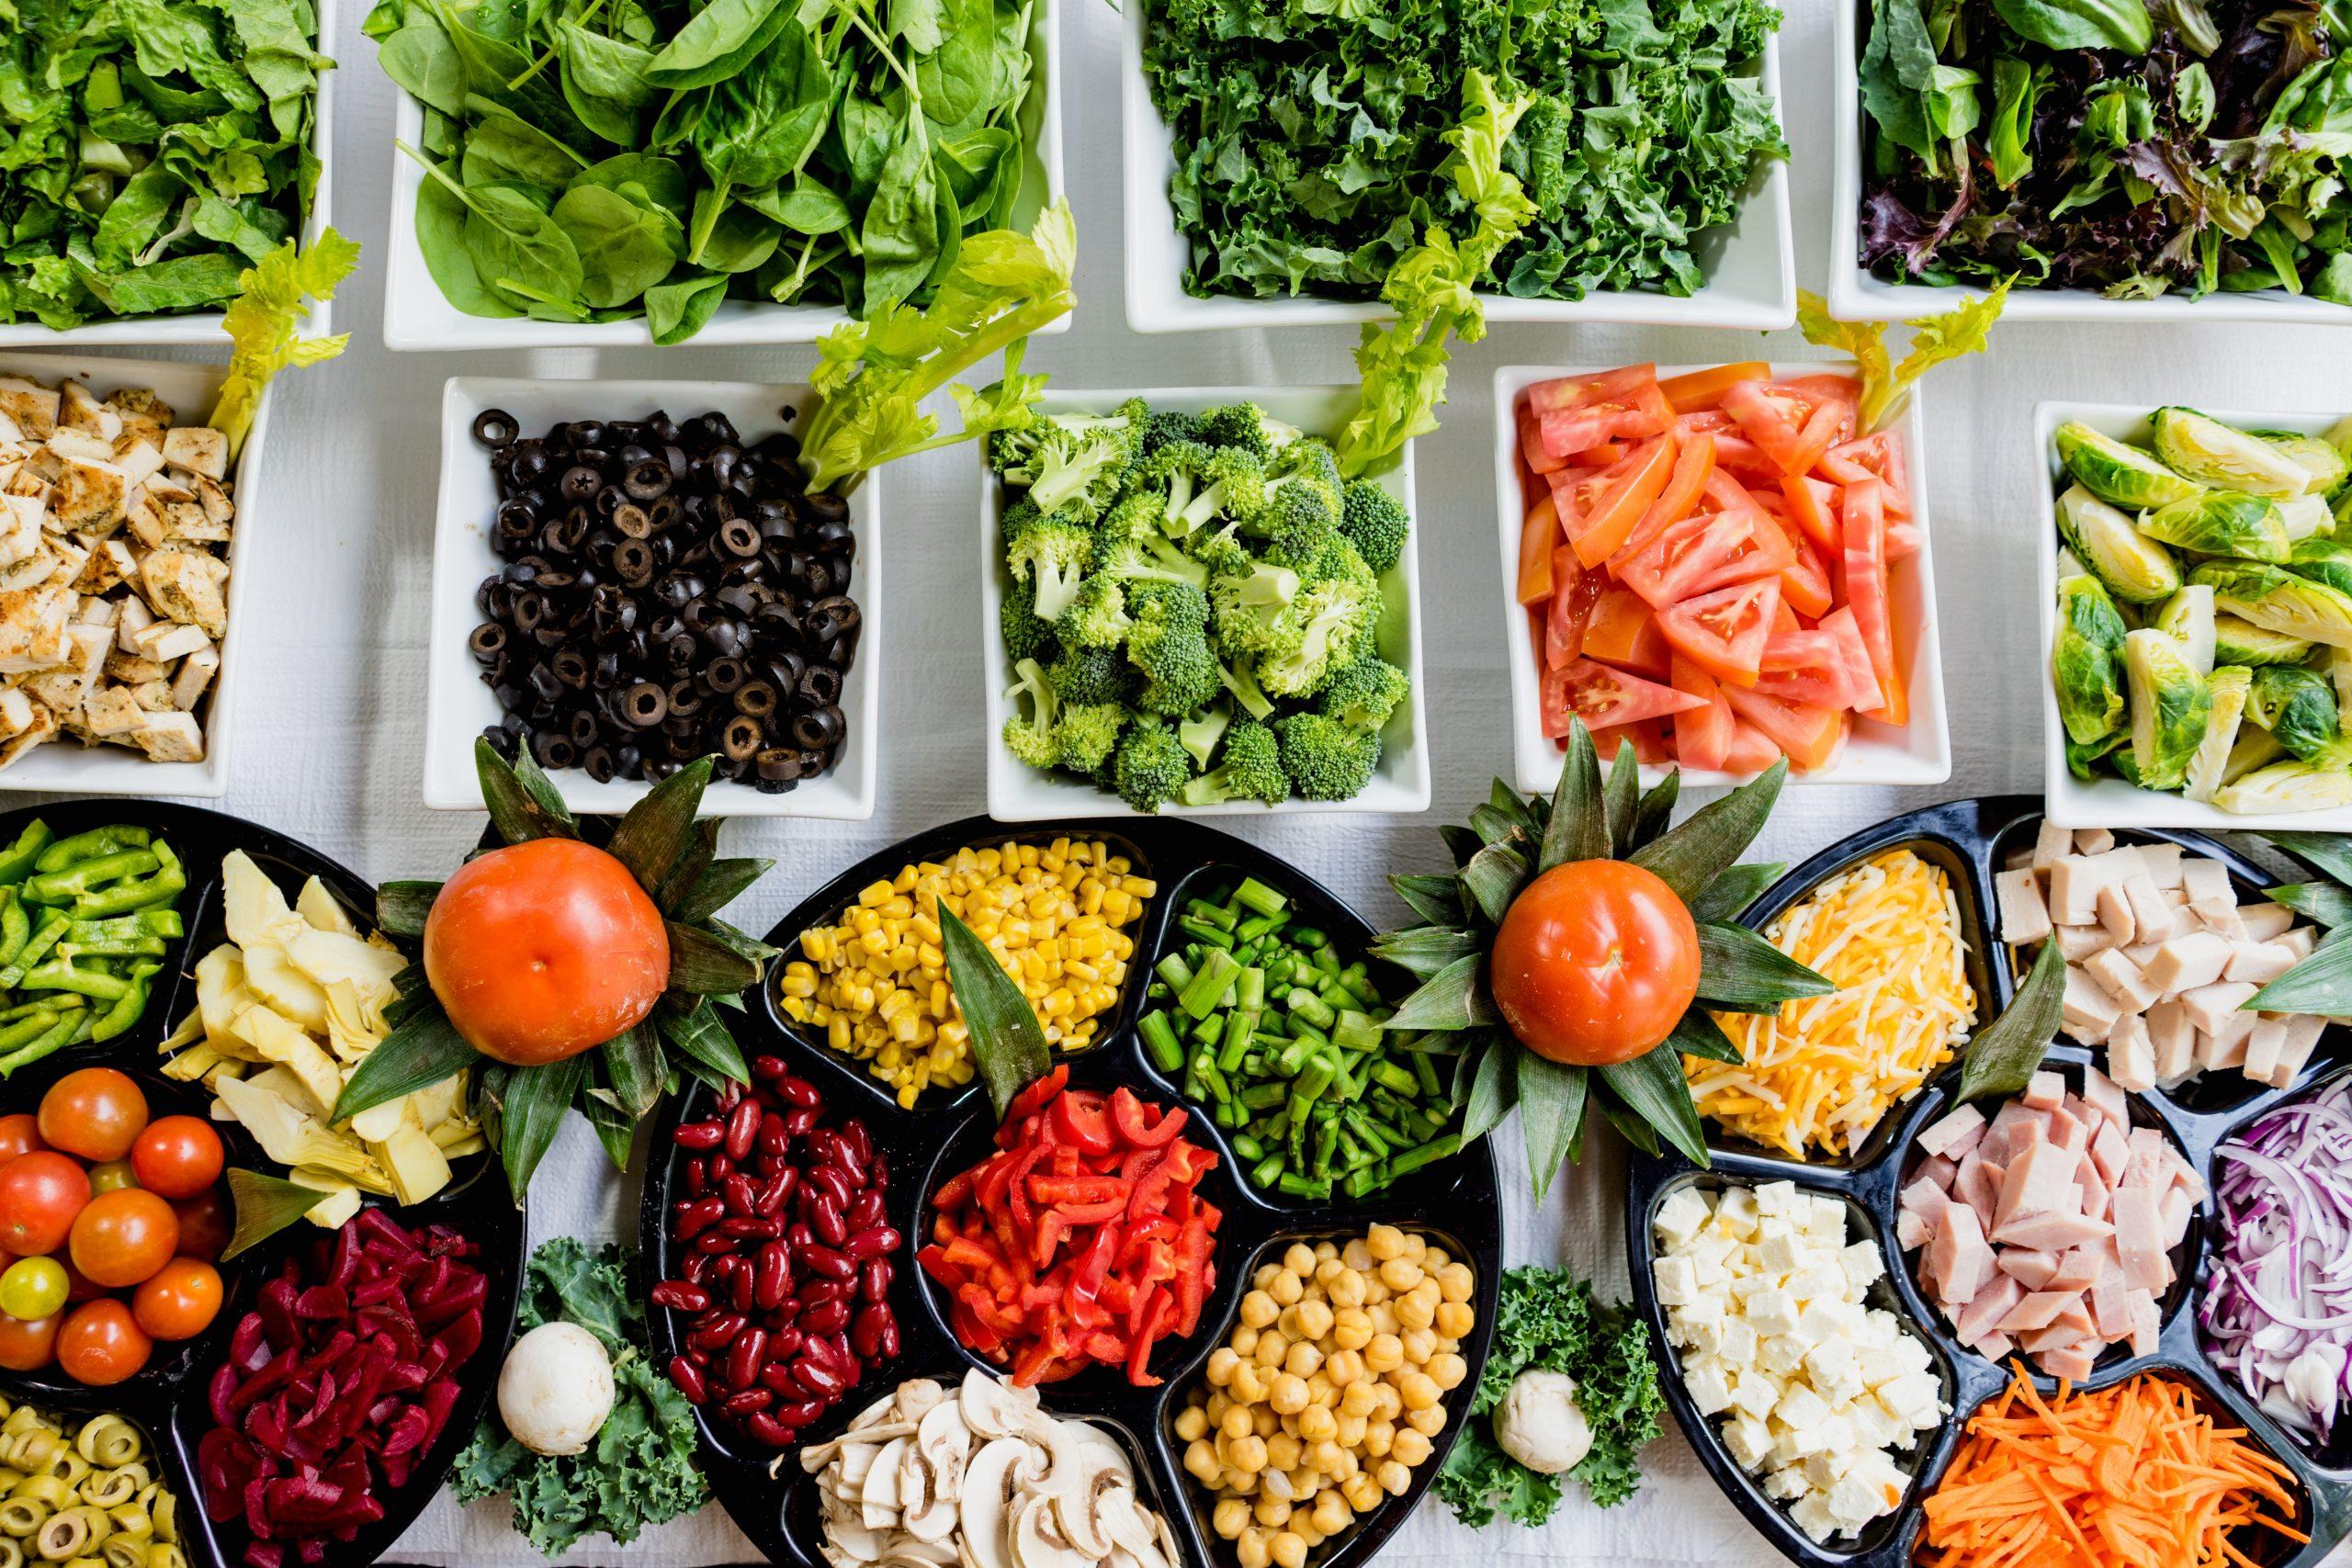 איכות התזונה והמיקרוביום הקשור ברירית המעי הגס האנושי